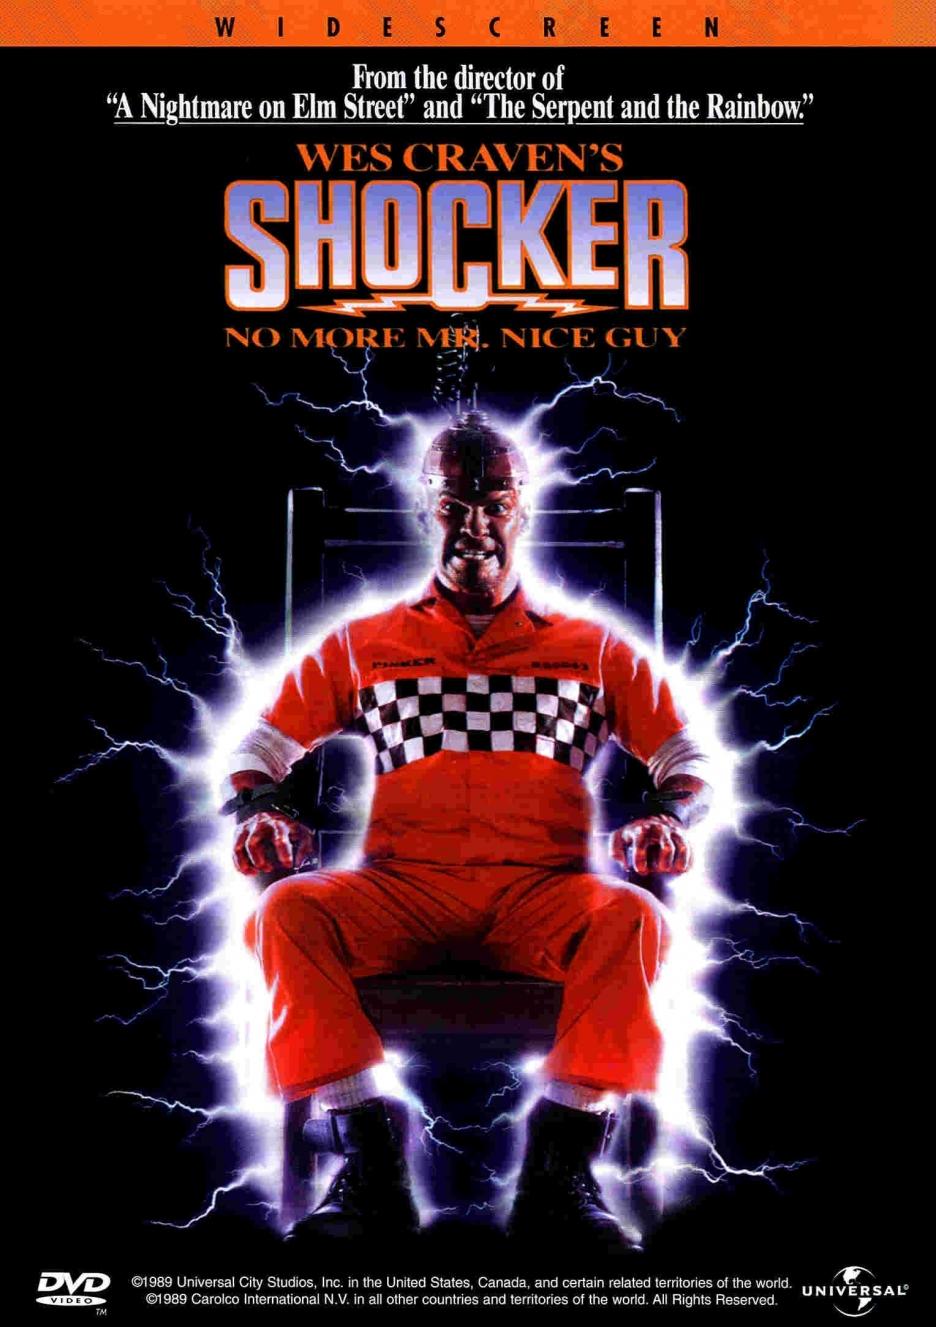 Shocker (1989) - Wes Craven [Dvdrip] [Avi]